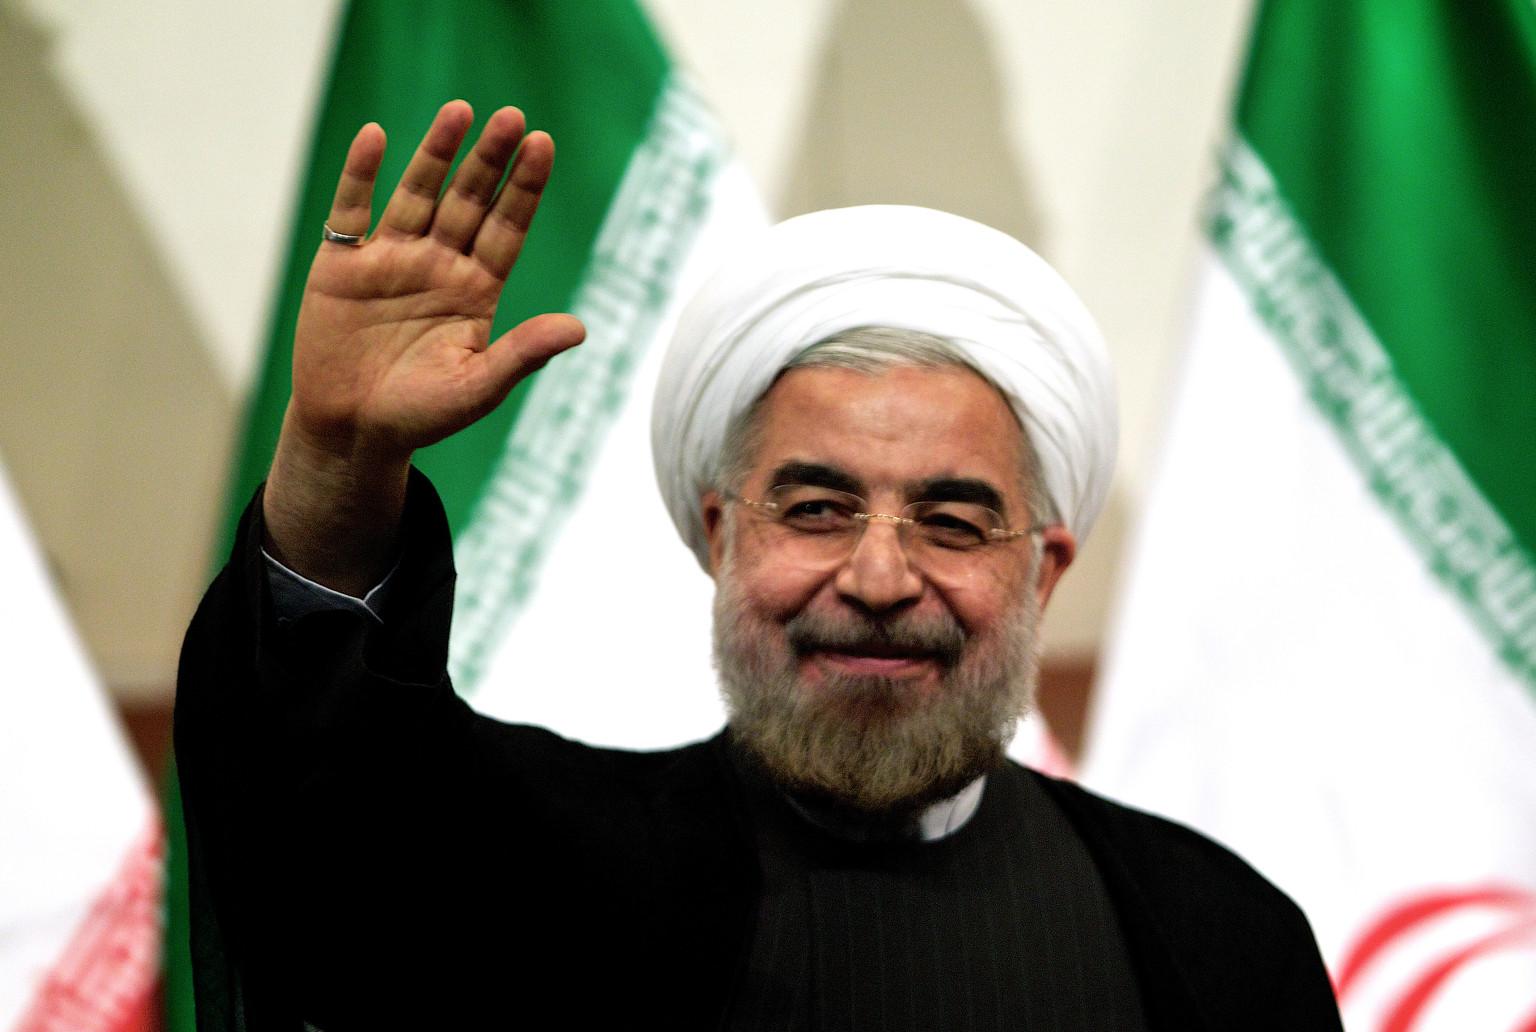 Iran tiếp tục nâng vị thế ở khu vực, sau thỏa thuận hạt nhân.